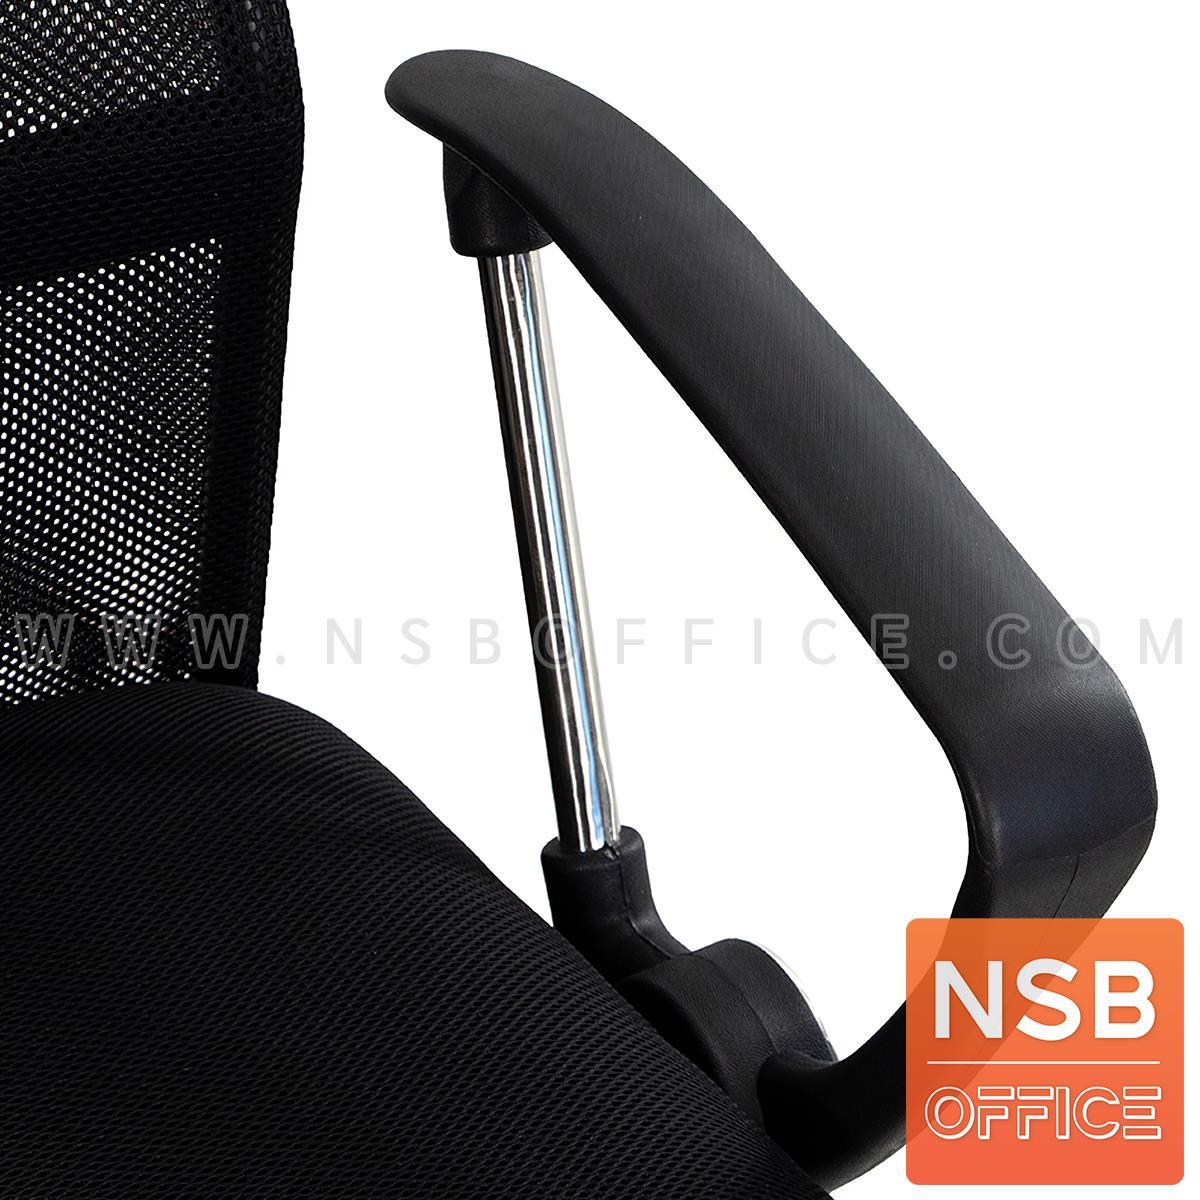 เก้าอี้ผู้บริหารหลังเน็ต รุ่น Suncity (ซันซิตี้)  โช๊คแก๊ส มีก้อนโยก ขาเหล็กชุบโครเมี่ยม